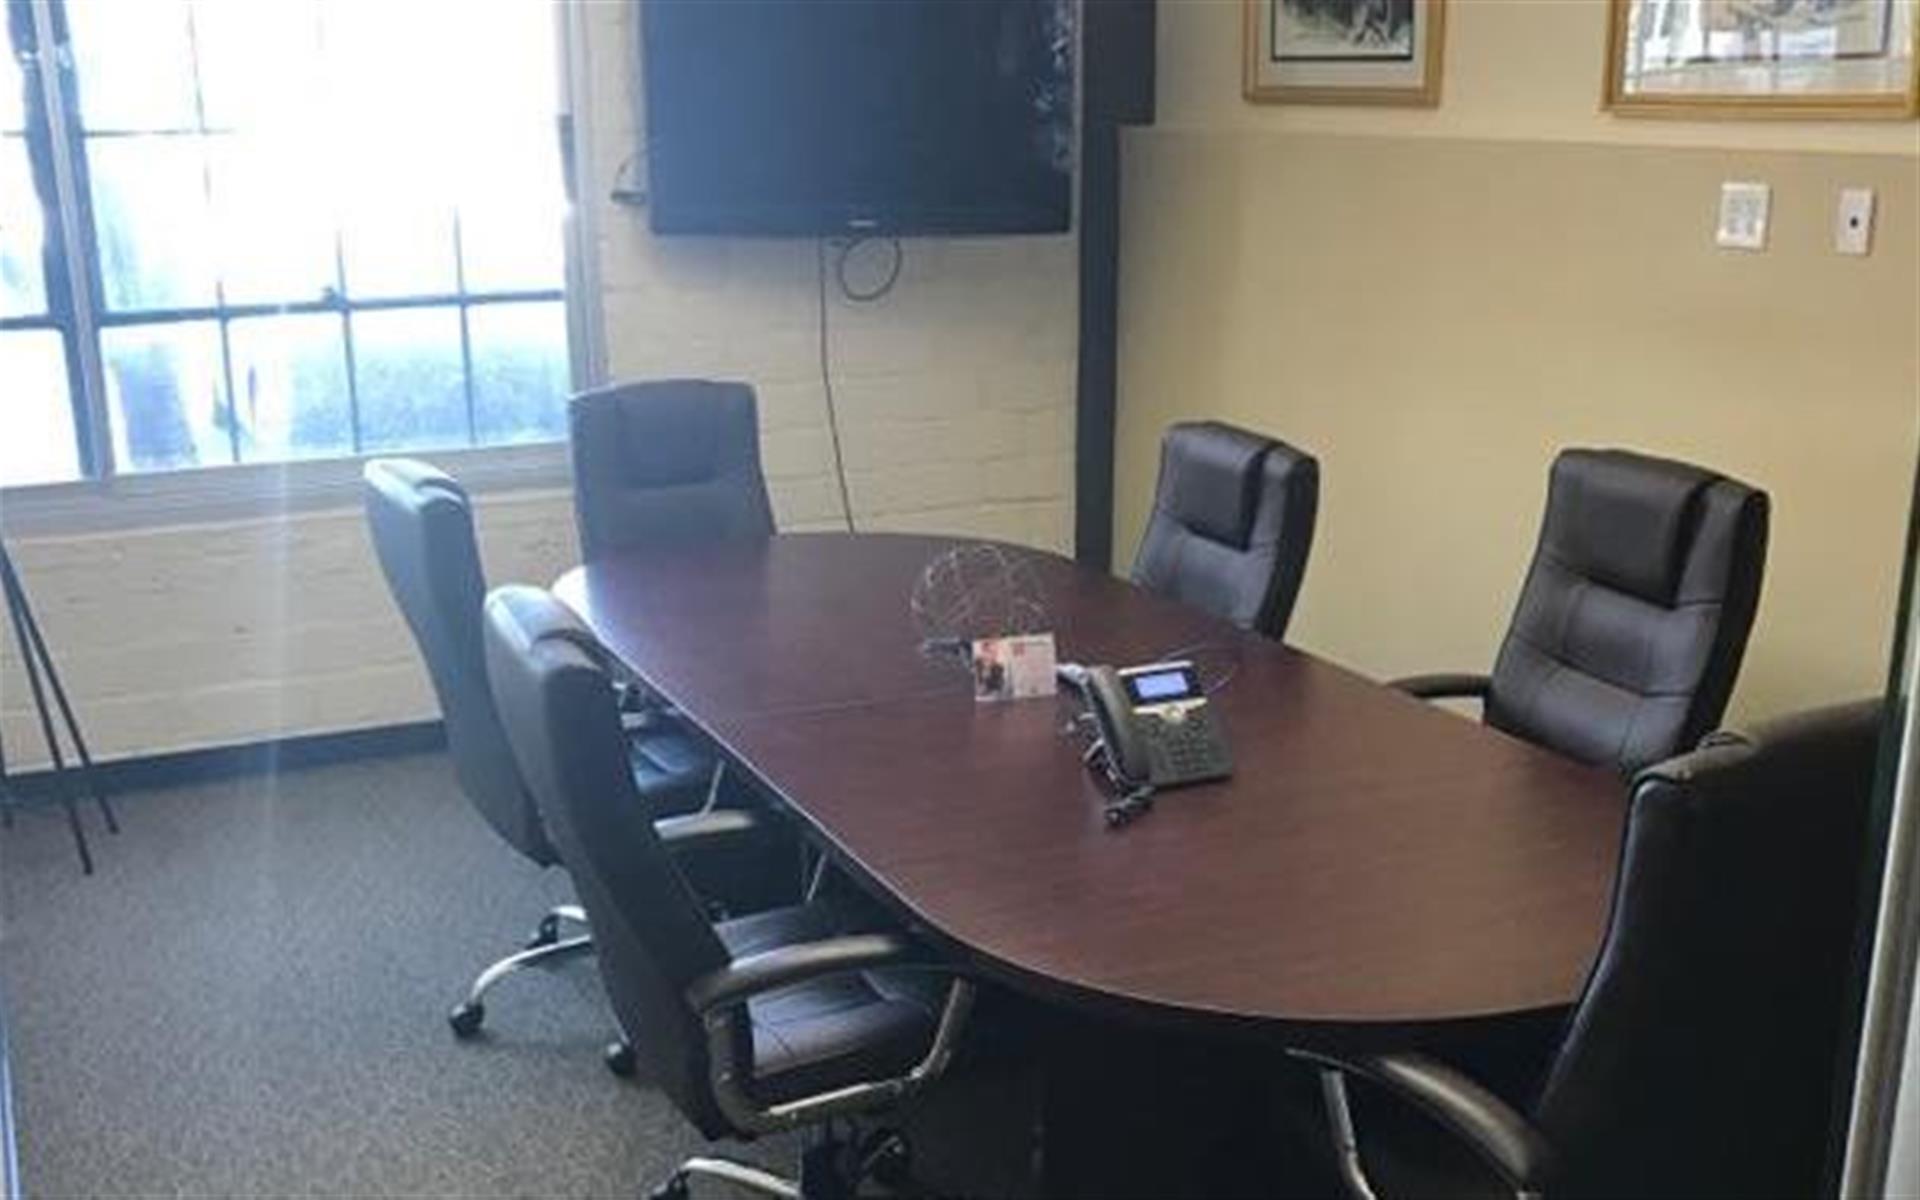 Huseby Charlotte - Conference Room B